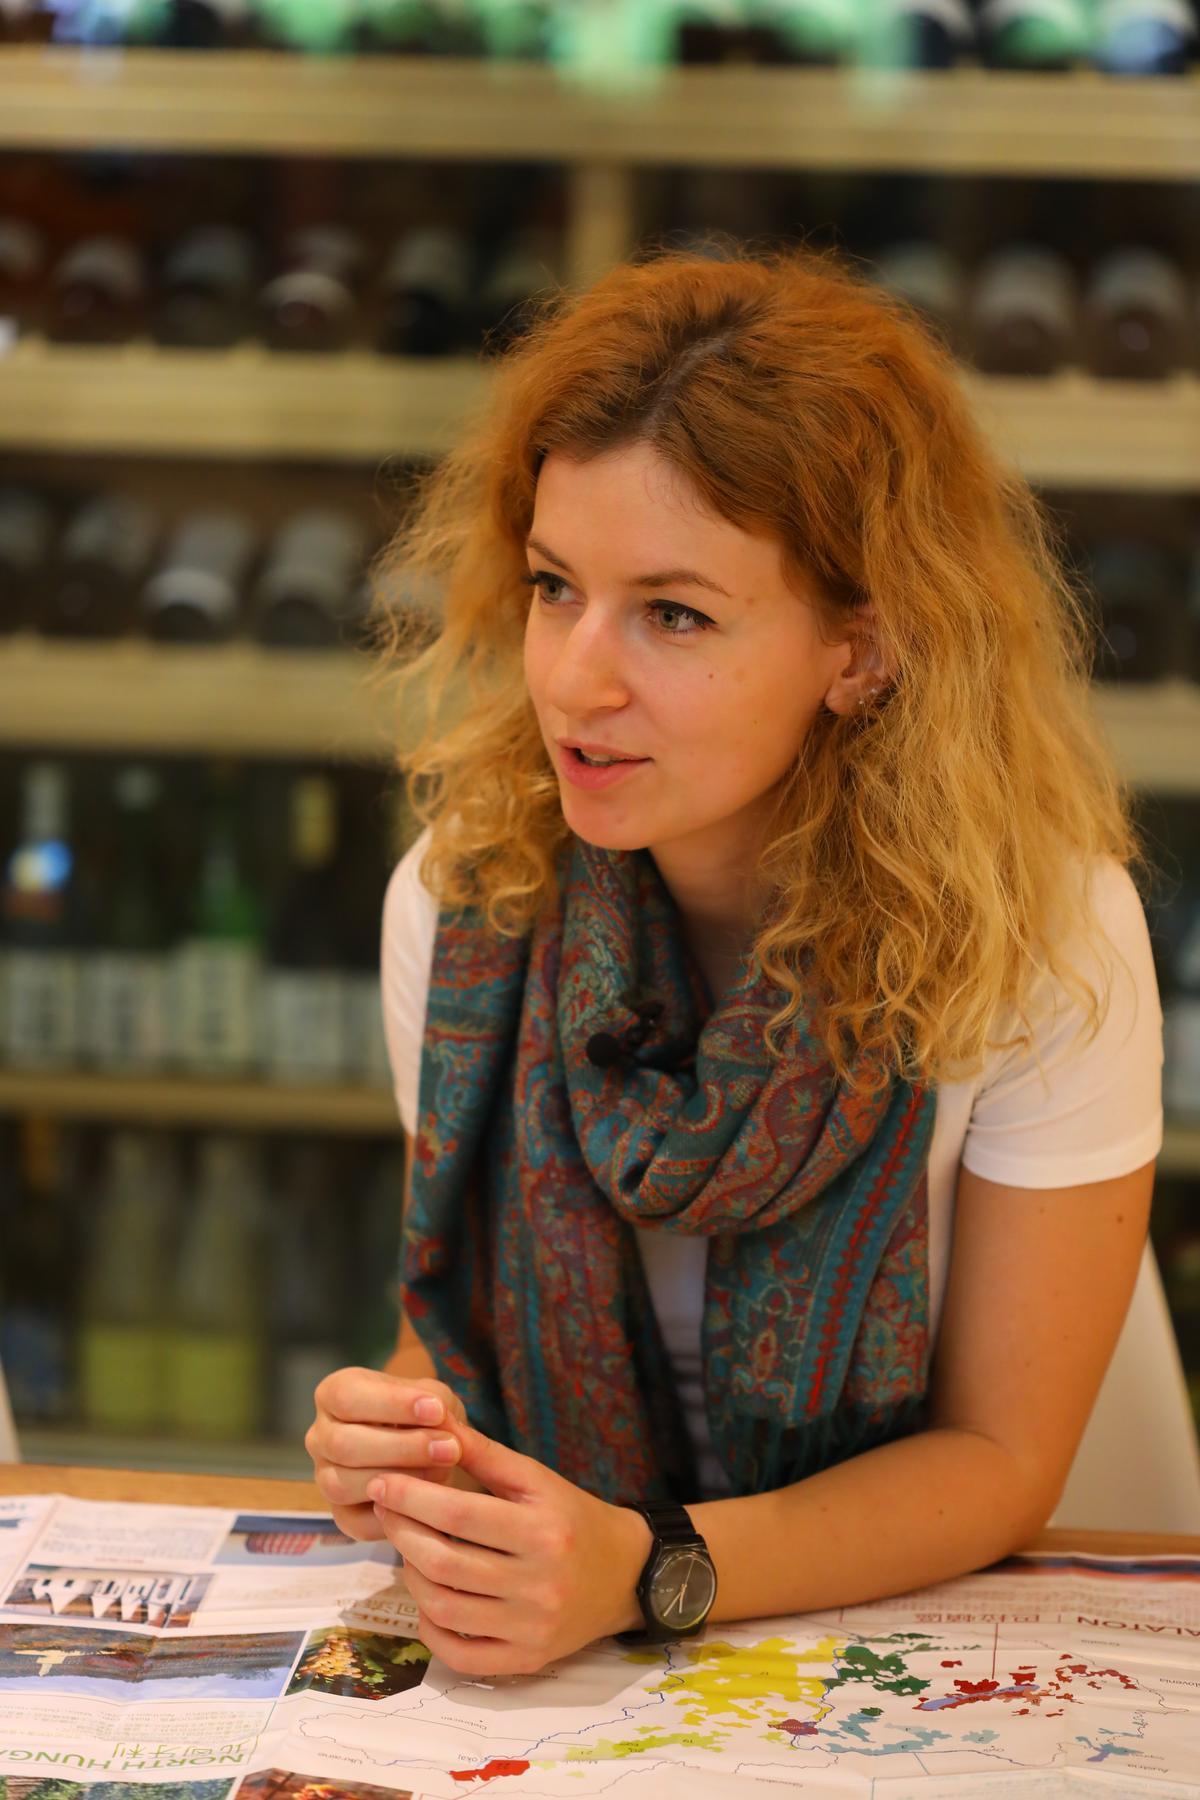 Kate的家鄉也在北匈牙利的Eger附近,所以對公牛血的歷史相當瞭解與自豪。